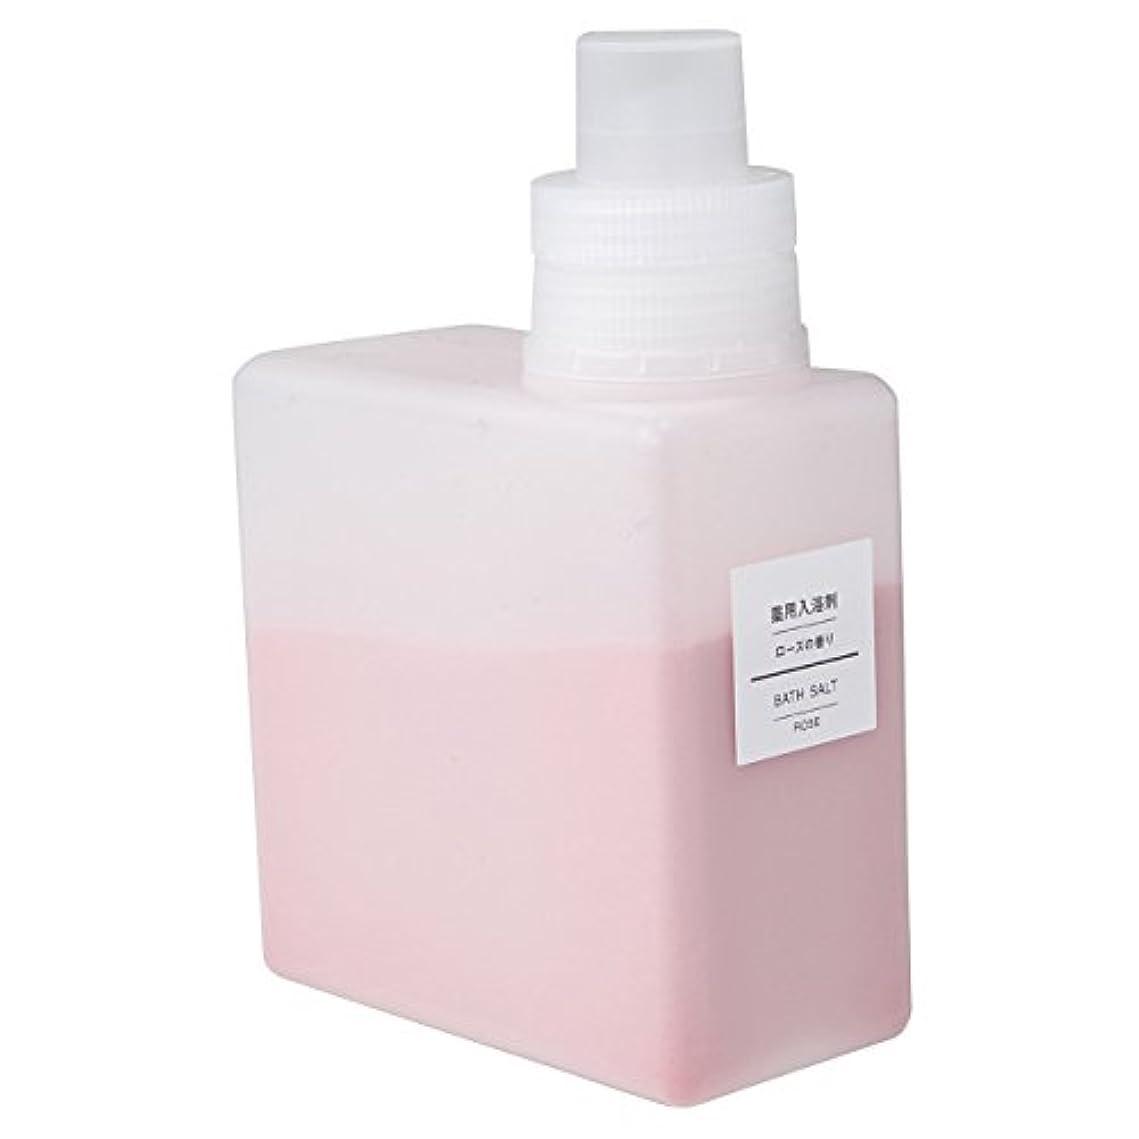 打ち上げる戦艦エッセイ無印良品 薬用入浴剤?ローズの香り (新)500g 日本製